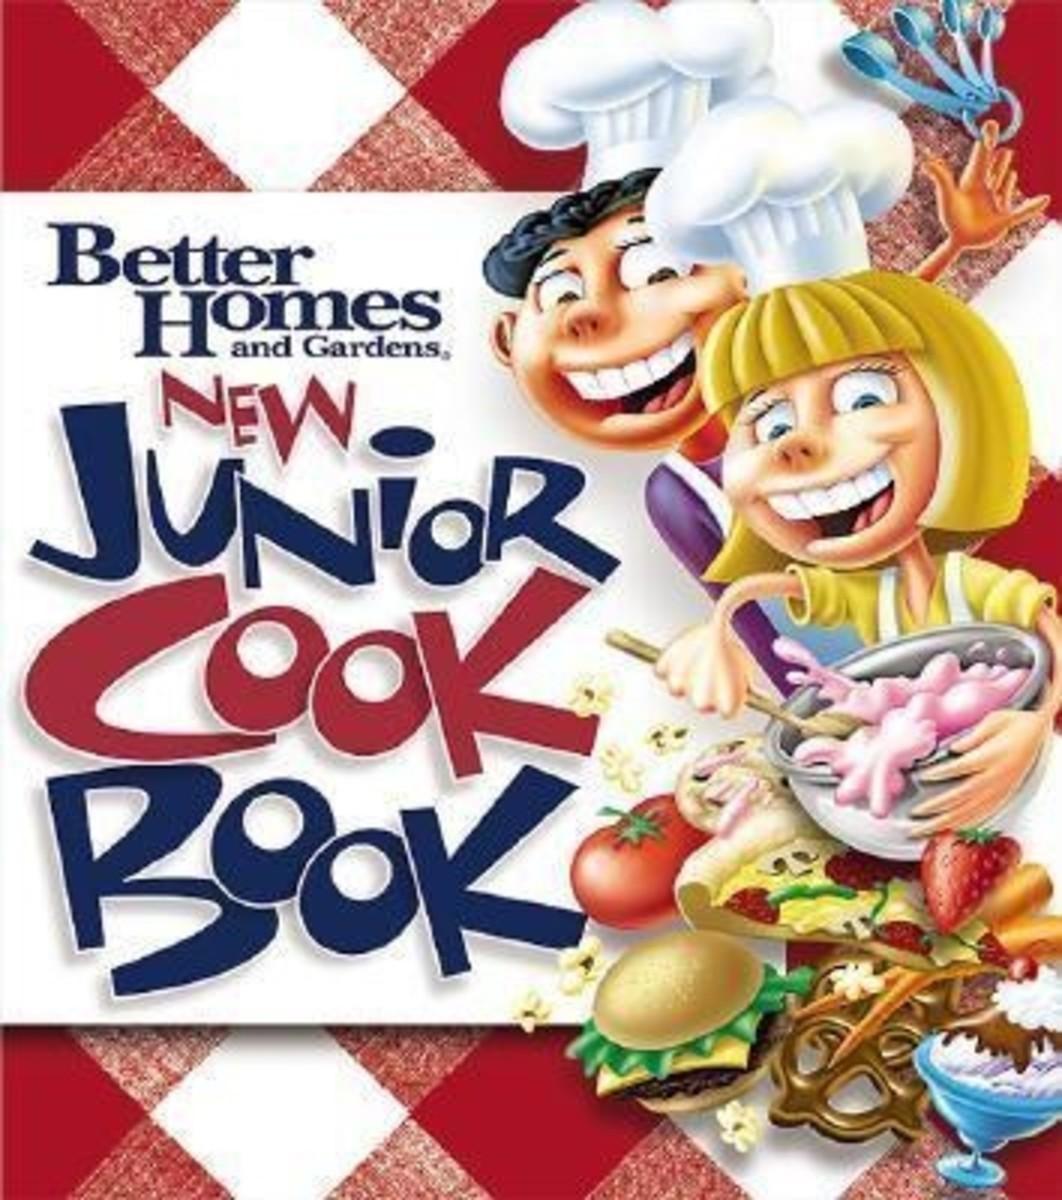 2004 Junior Cook Book